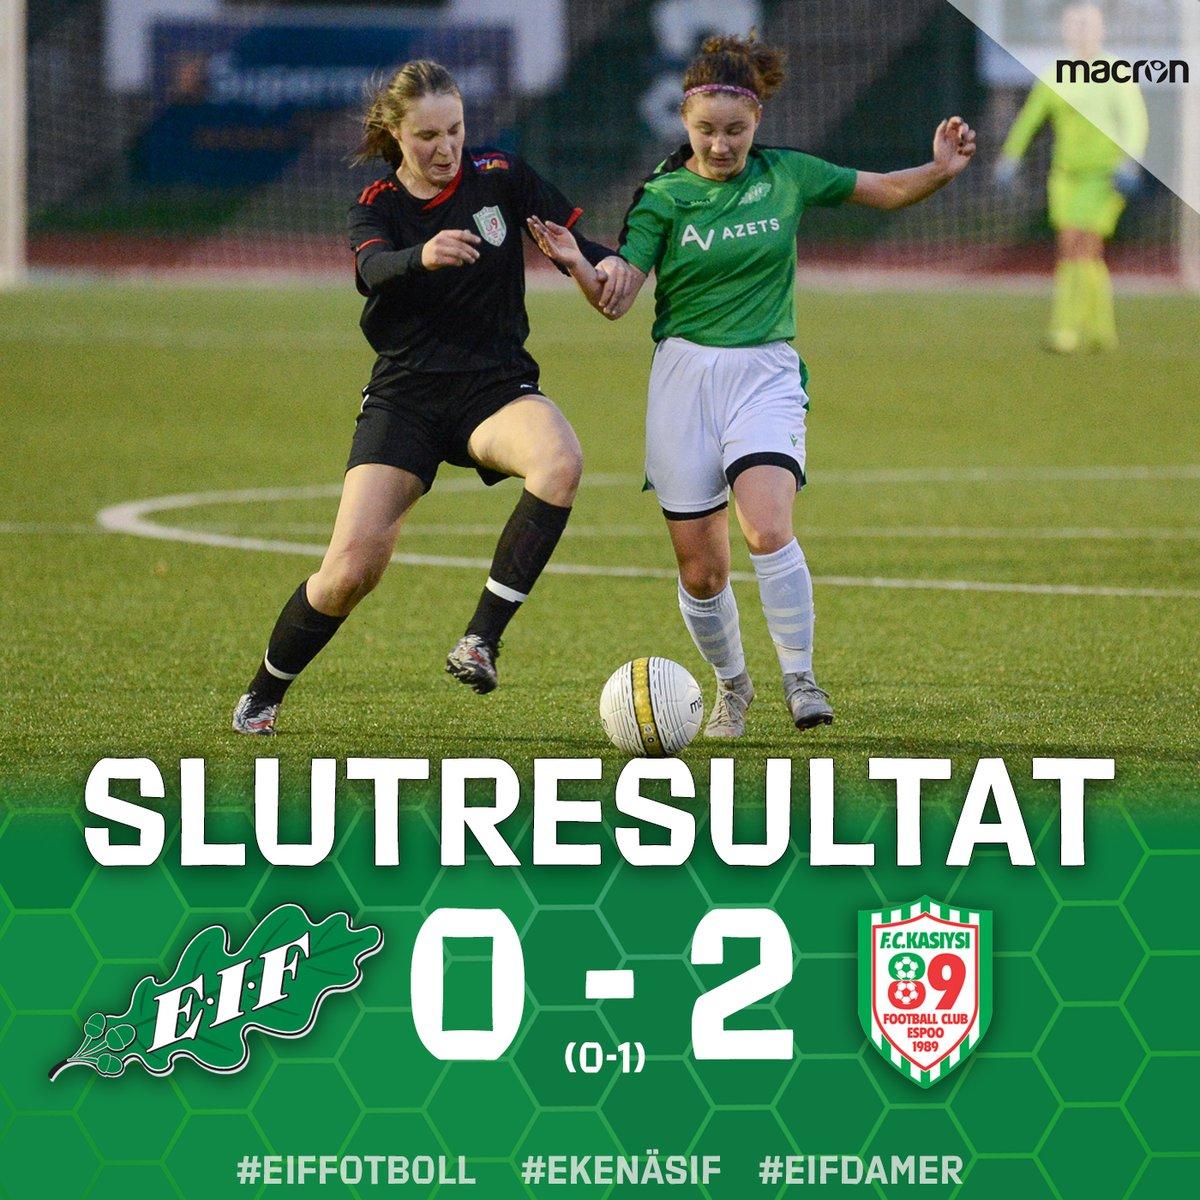 Förlust för damerna i säsongens sista hemmamatch, ett tekniskt skickligt Kasiysi var bättre med 0 - 2. En storpublik var igen på plats och hejade på våra damer. Tack för understödet, vi ses igen nästa säsong! https://t.co/P1ETCEuIUp